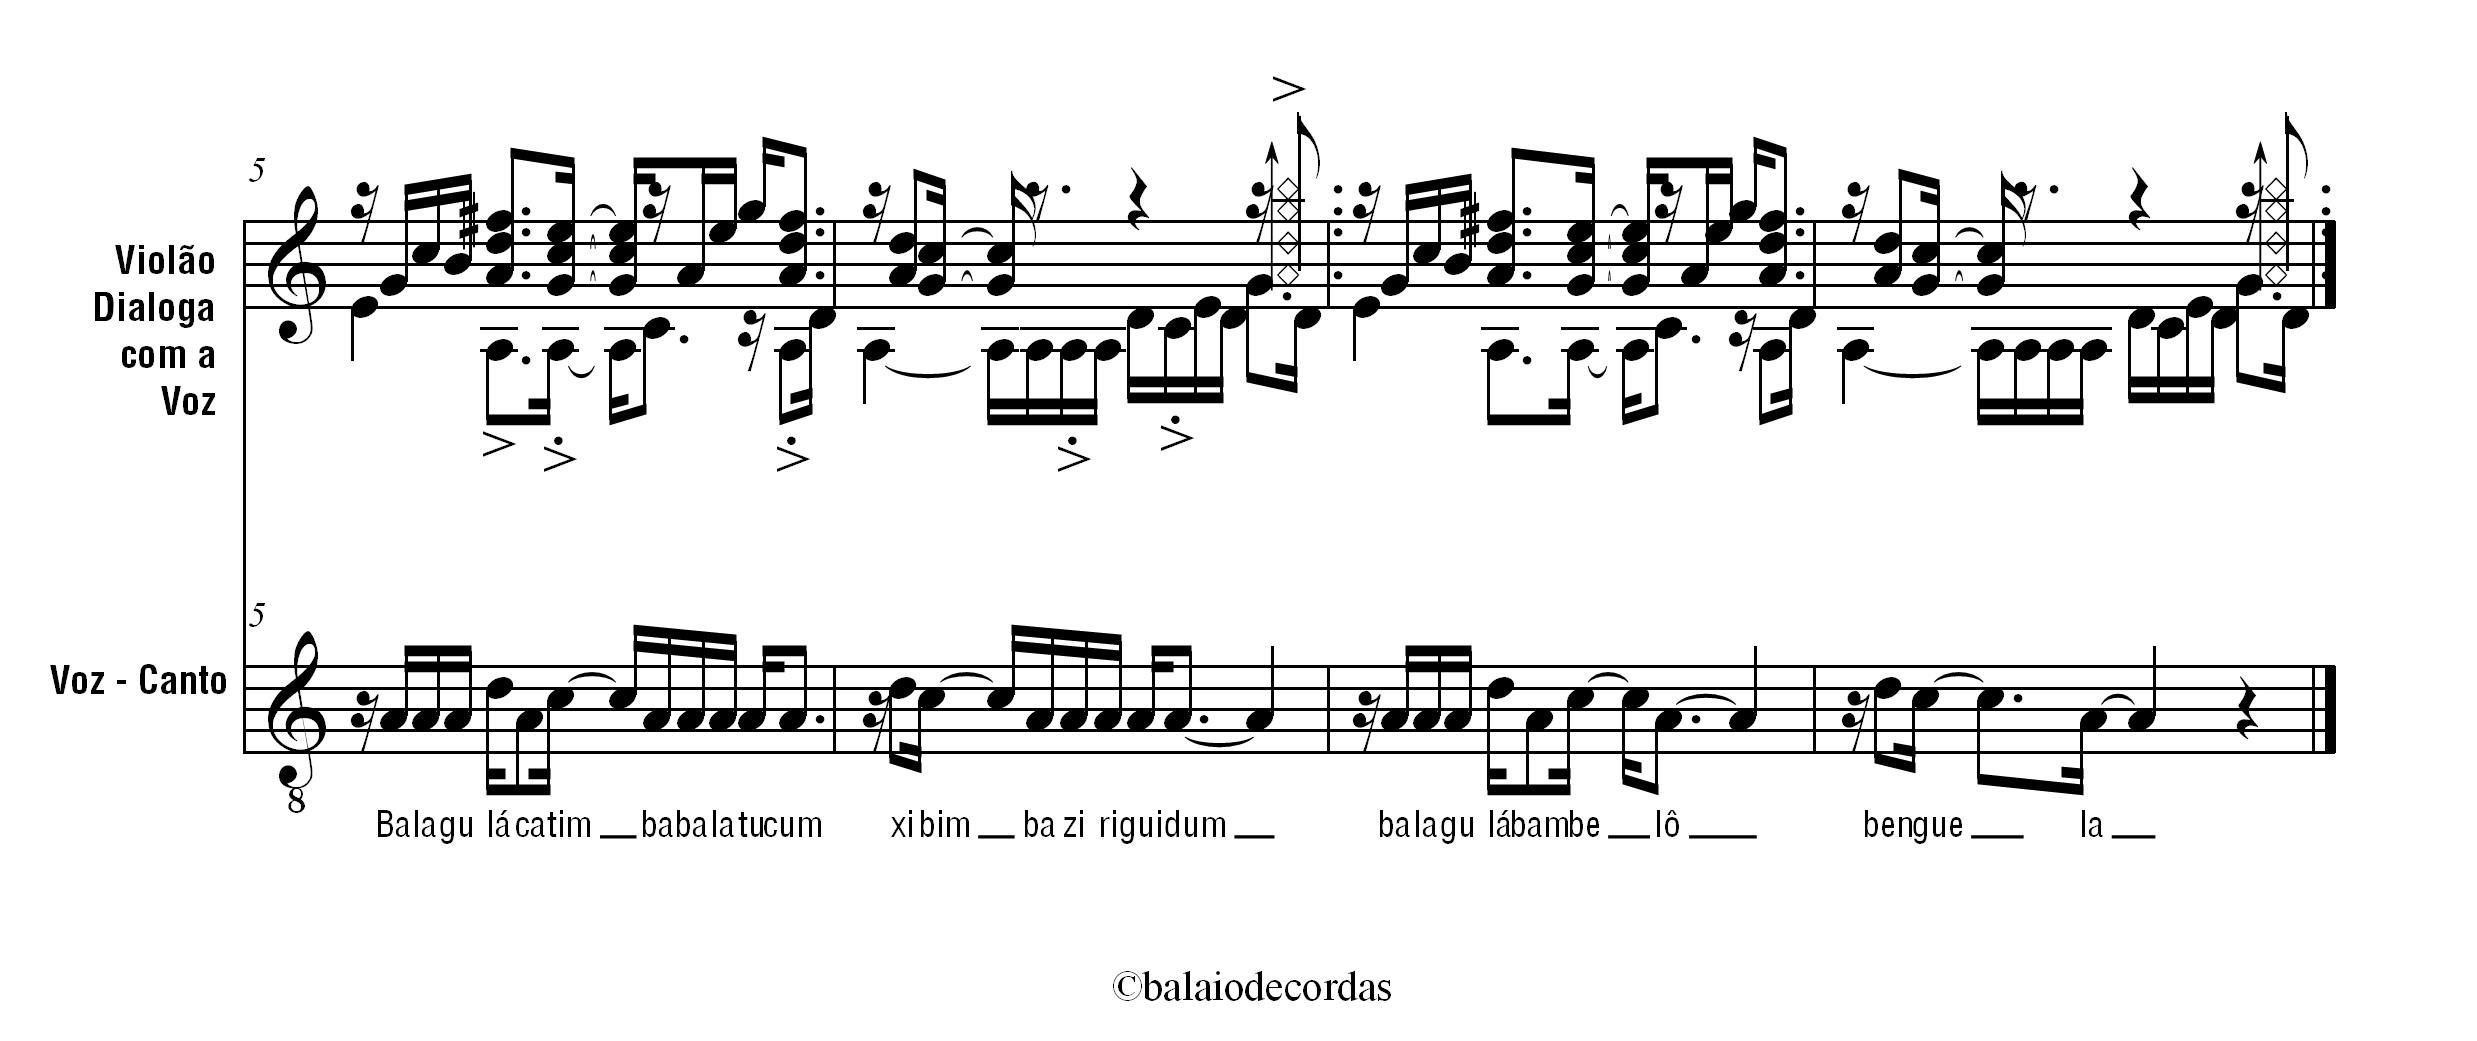 Partitura para voz e violão